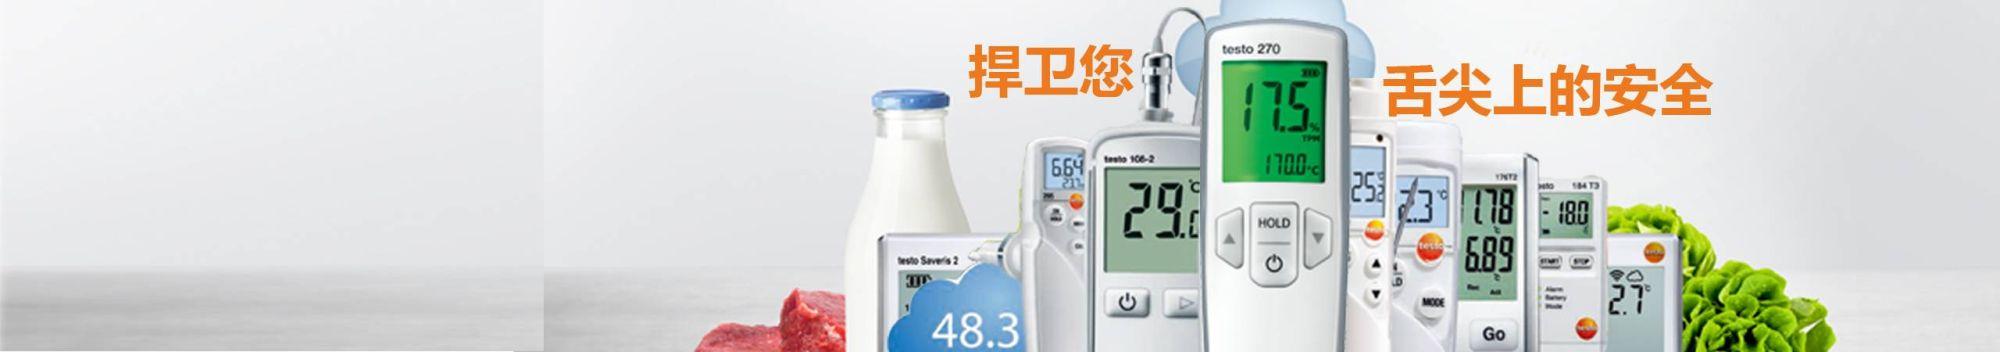 德图食品安全检测仪器<br /><strong>捍卫您舌尖上的安全</strong>